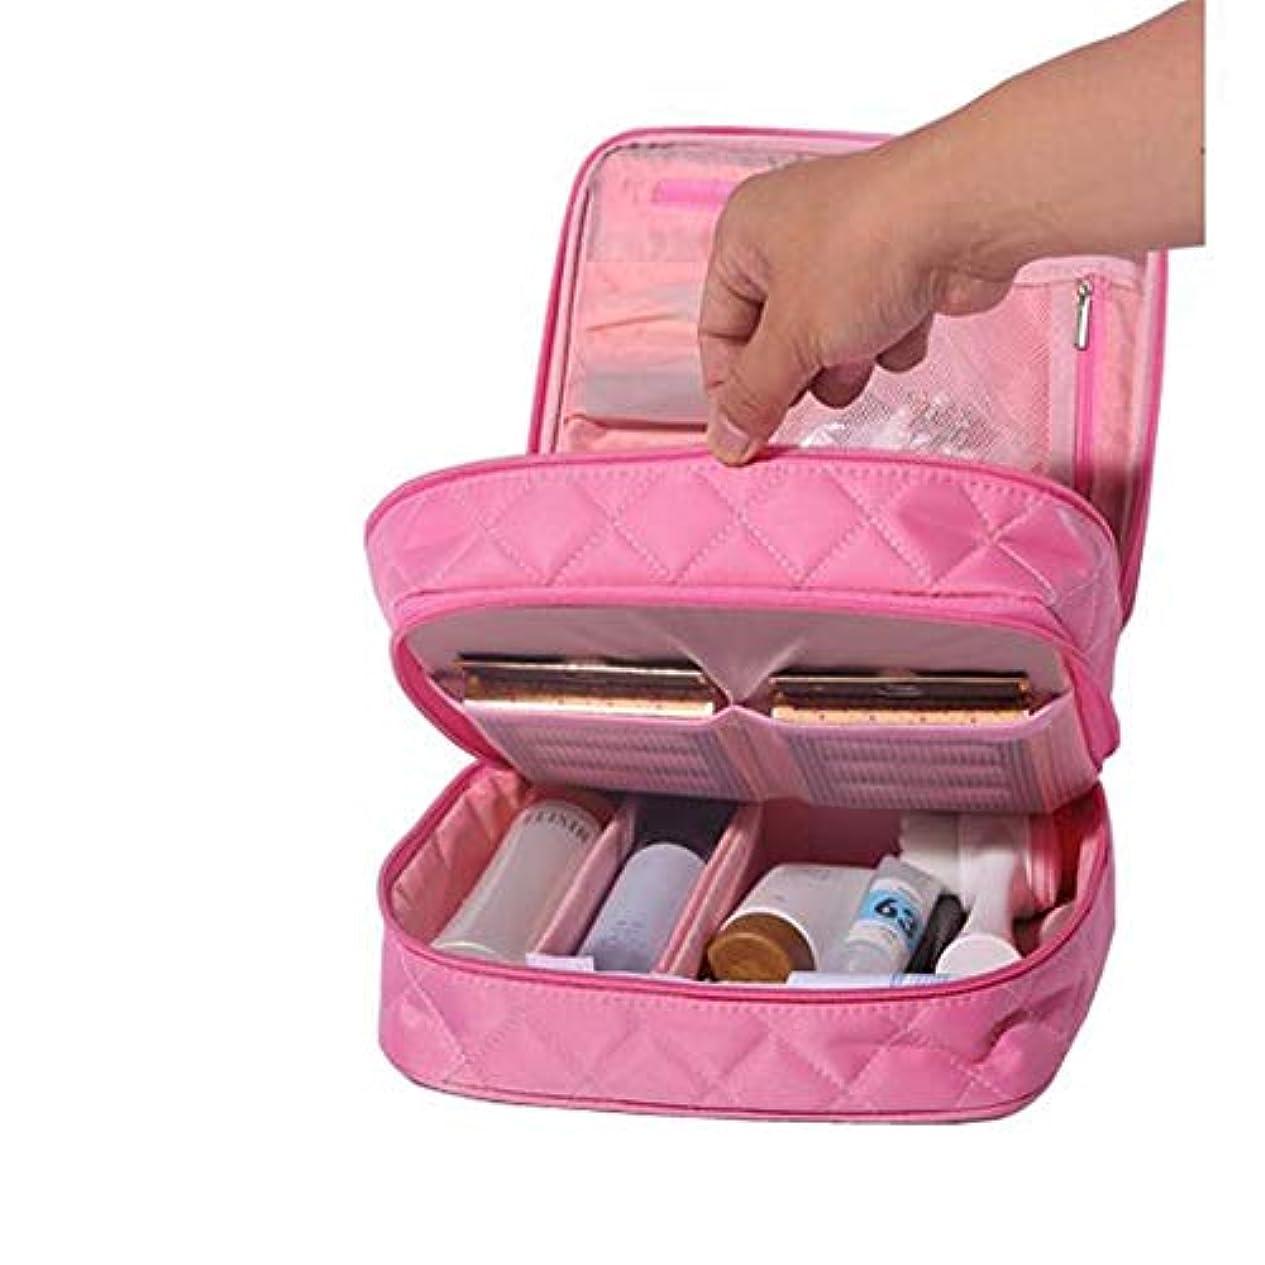 贅沢な被る革命特大スペース収納ビューティーボックス 化粧品袋、携帯用旅行化粧品の箱、化粧品の箱、収納箱、調節可能なディバイダーが付いている小型化粧の電車箱、化粧品の化粧筆、化粧品 化粧品化粧台 (色 : ピンク)